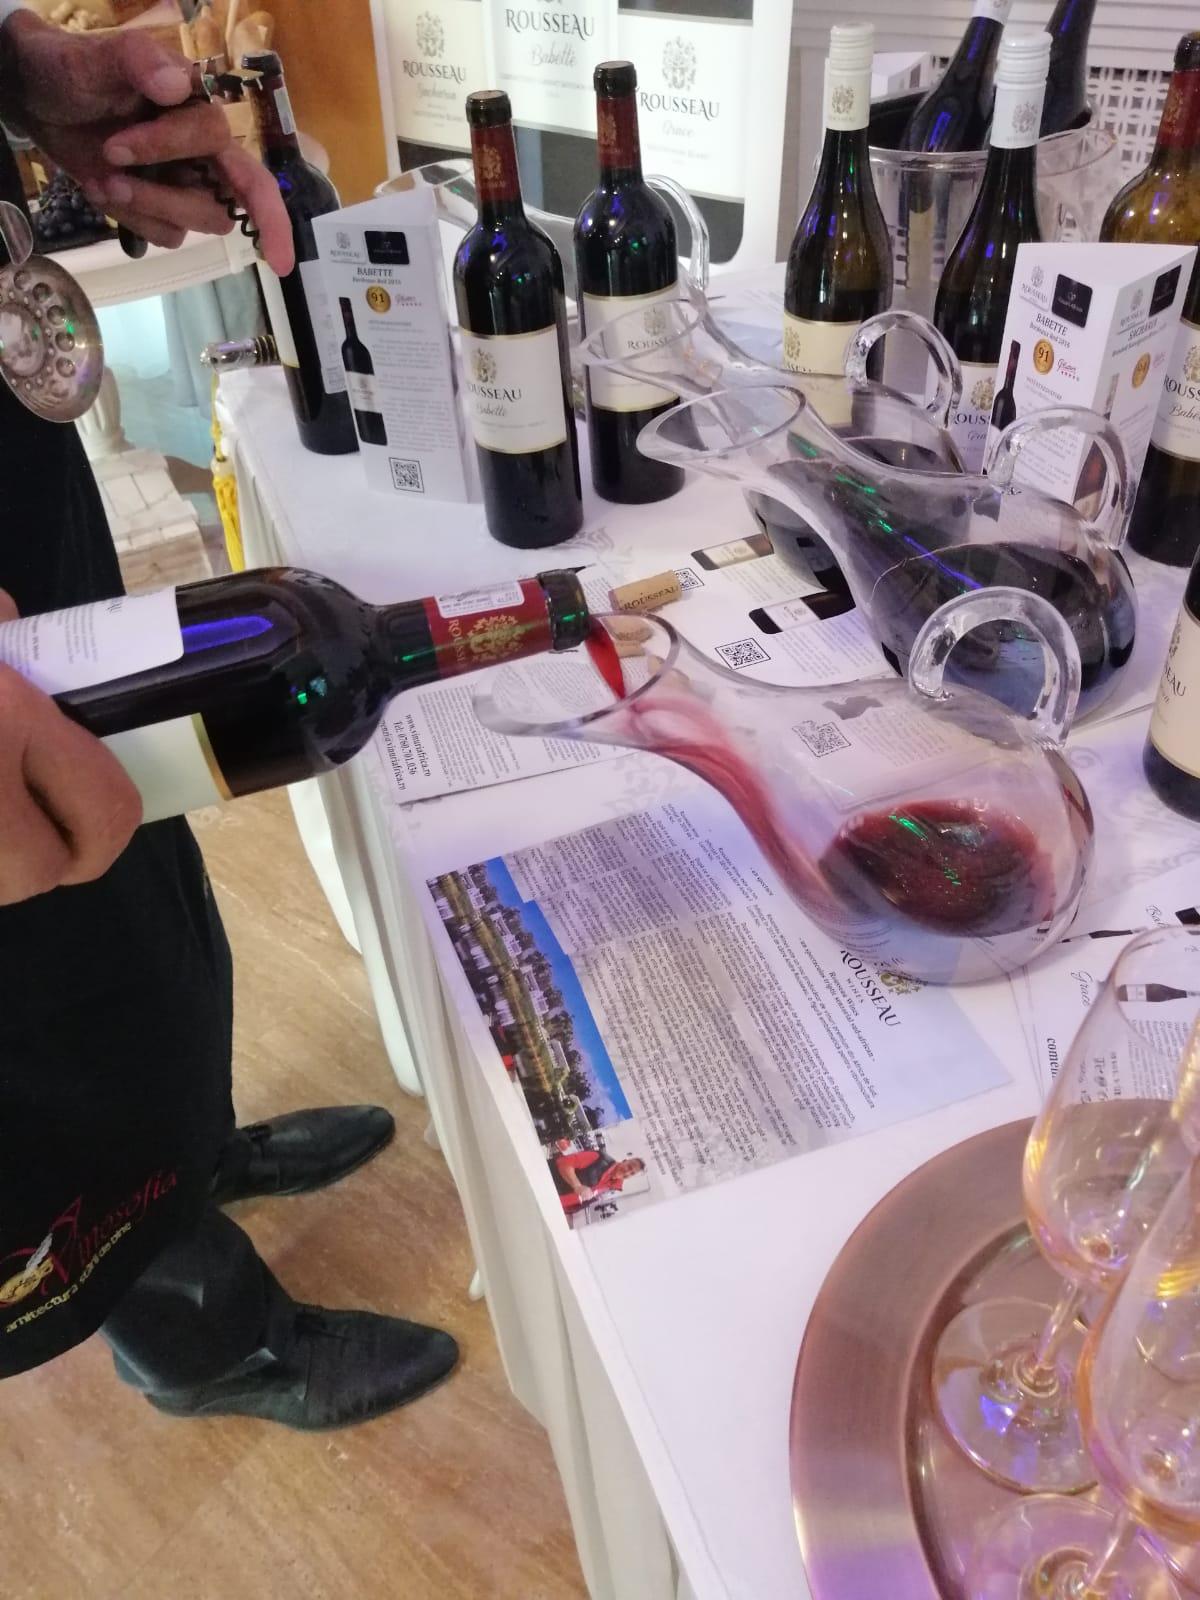 Rousseau Wines in restaurants